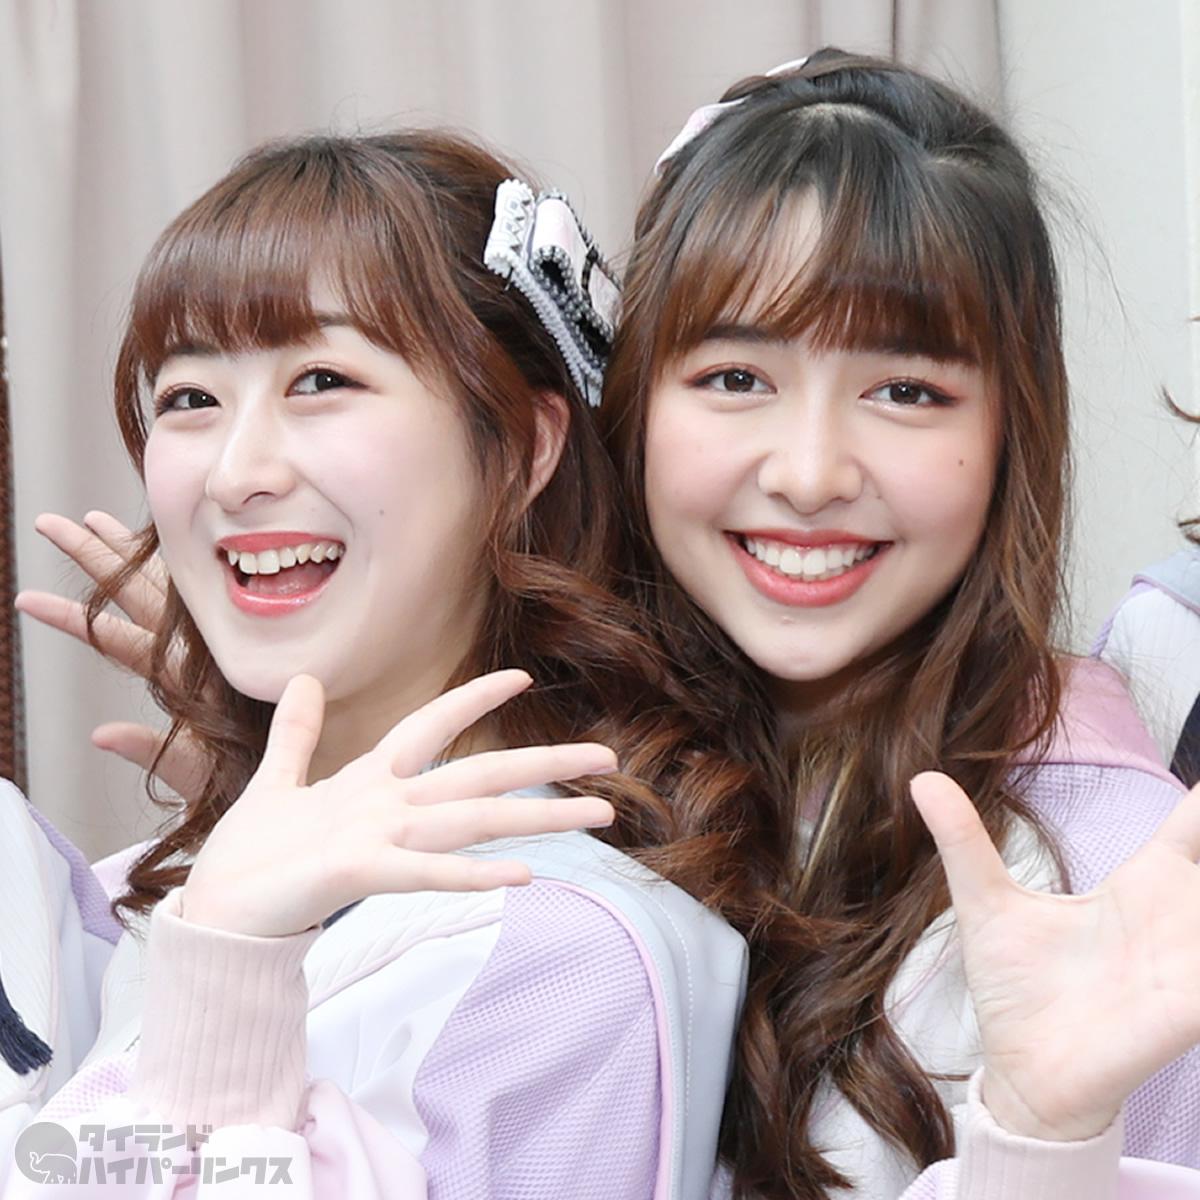 ジェーンBNK48とイズリナCGM48(伊豆田莉奈)がNHKラジオ第一に出演、7月20日朝「三宅民夫のマイあさ!」に